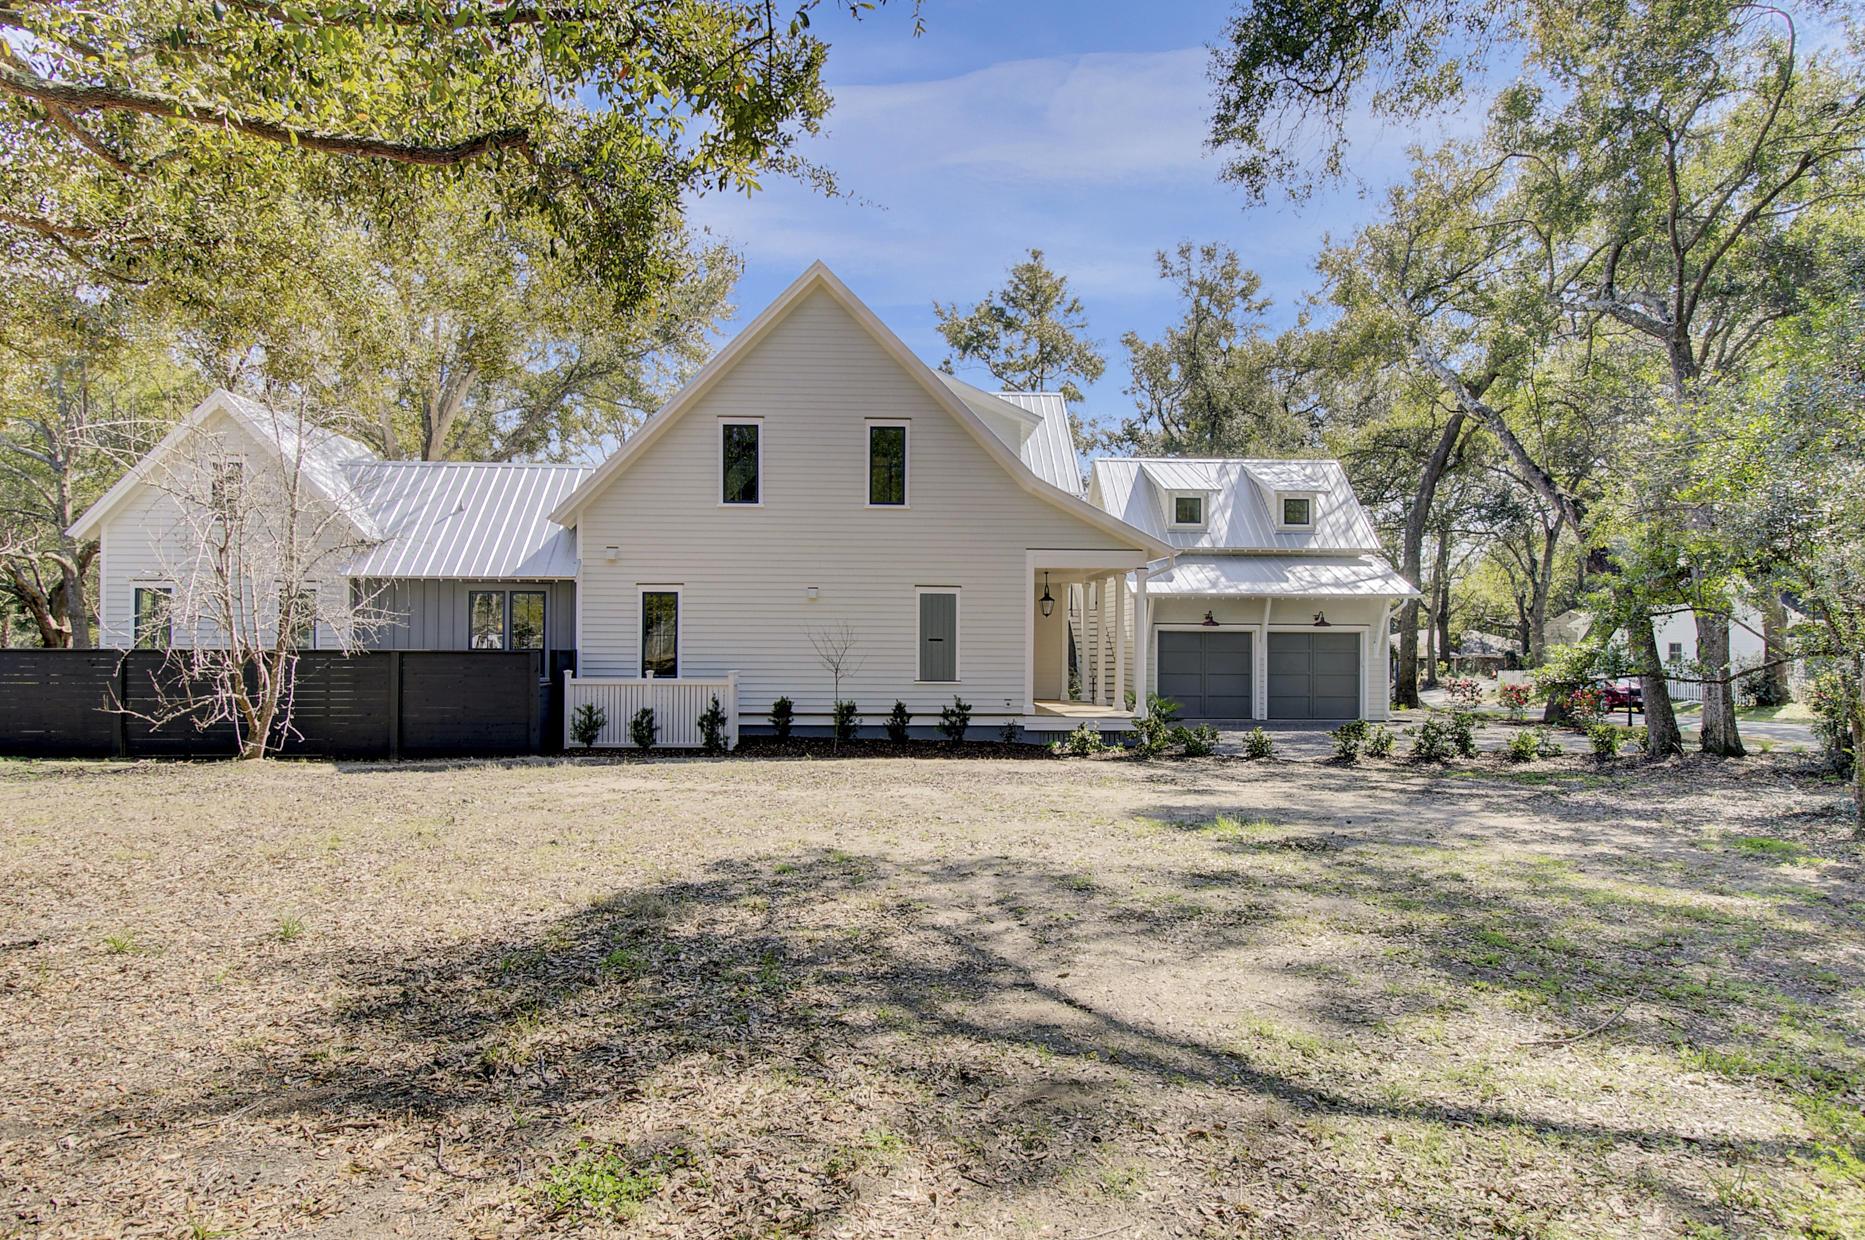 Old Mt Pleasant Homes For Sale - 1416 Jackson, Mount Pleasant, SC - 49